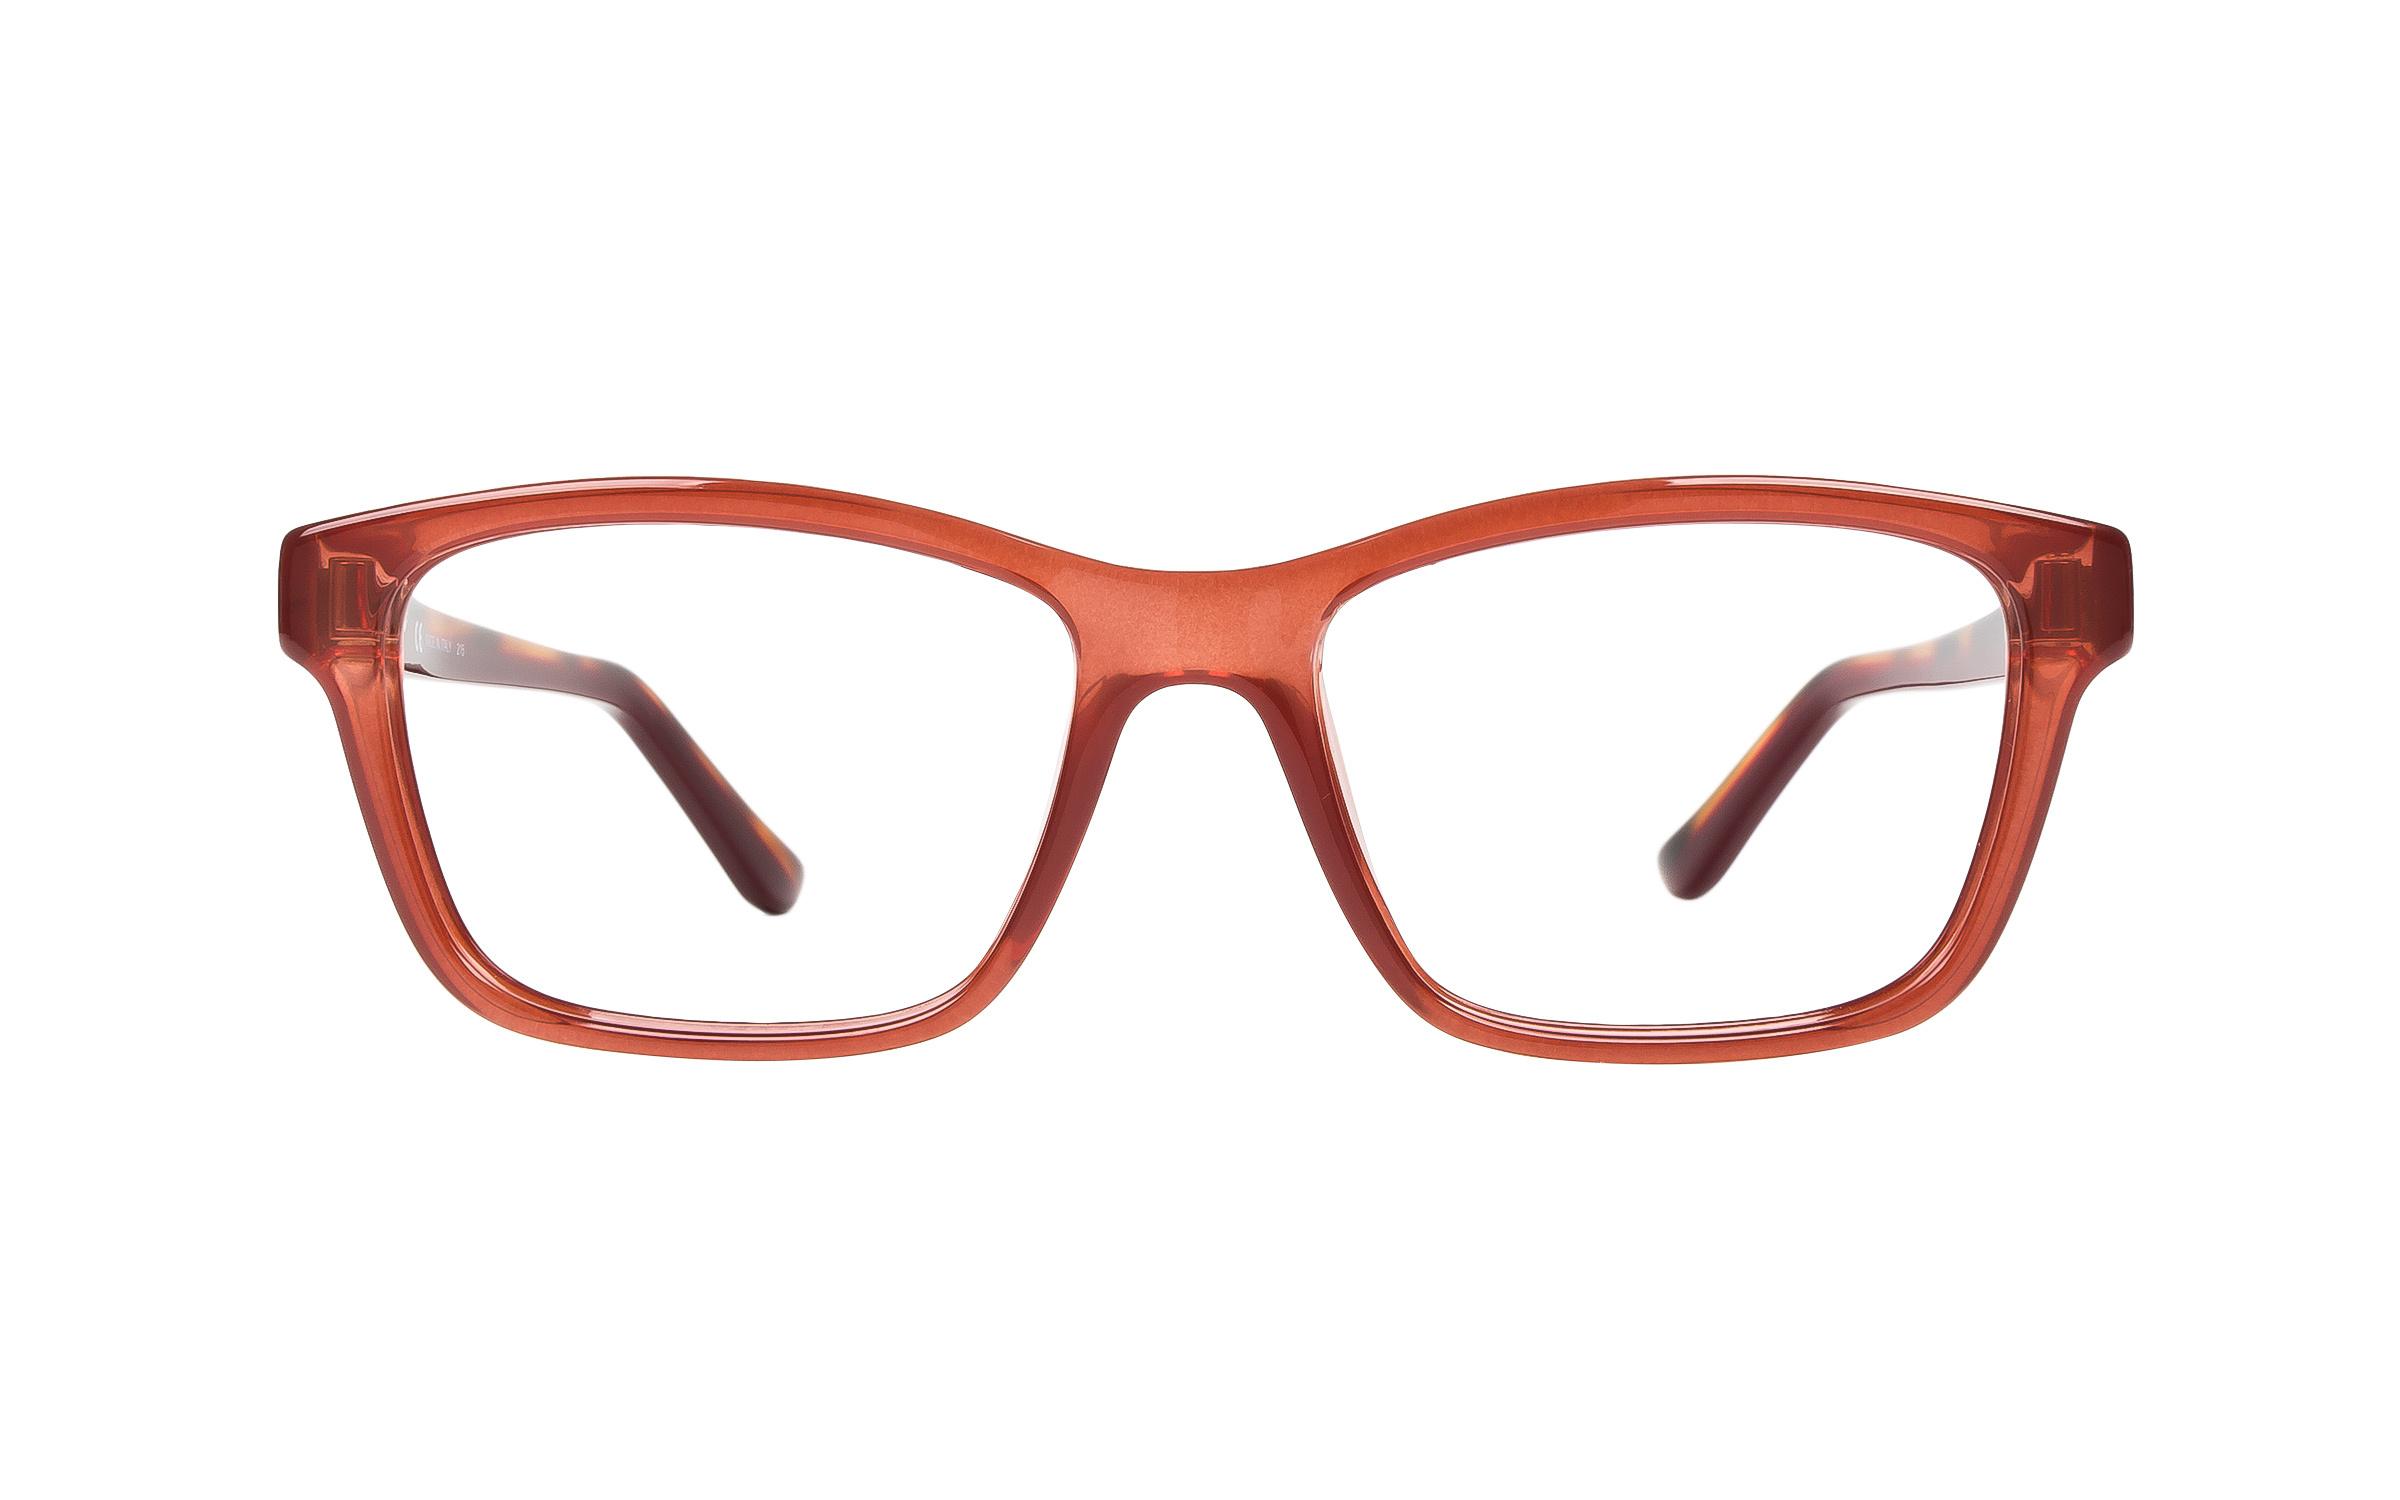 Salvatore Ferragamo SF2721 643 Antique Rose Glasses, Eyeg...